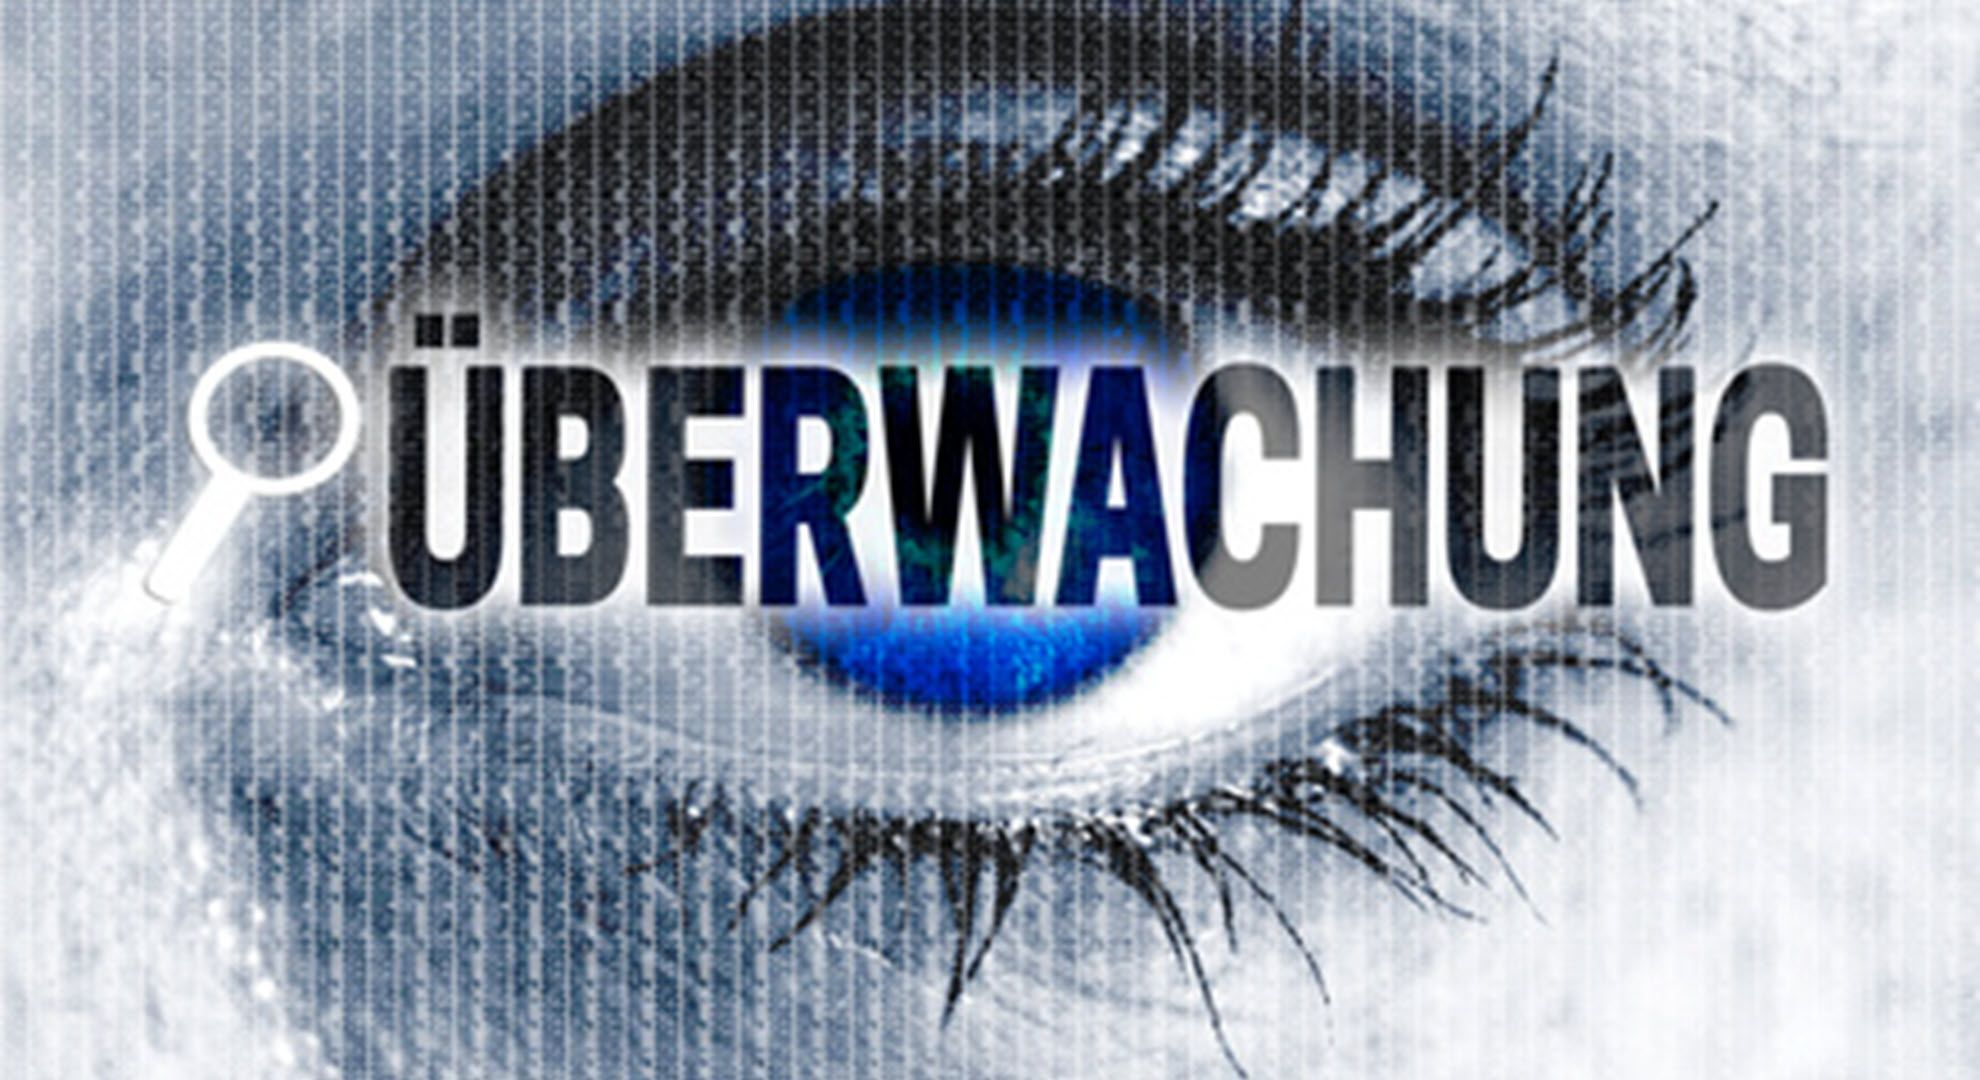 Monitoring / Netzwerküberwachung Ihrer IT-Umgebung